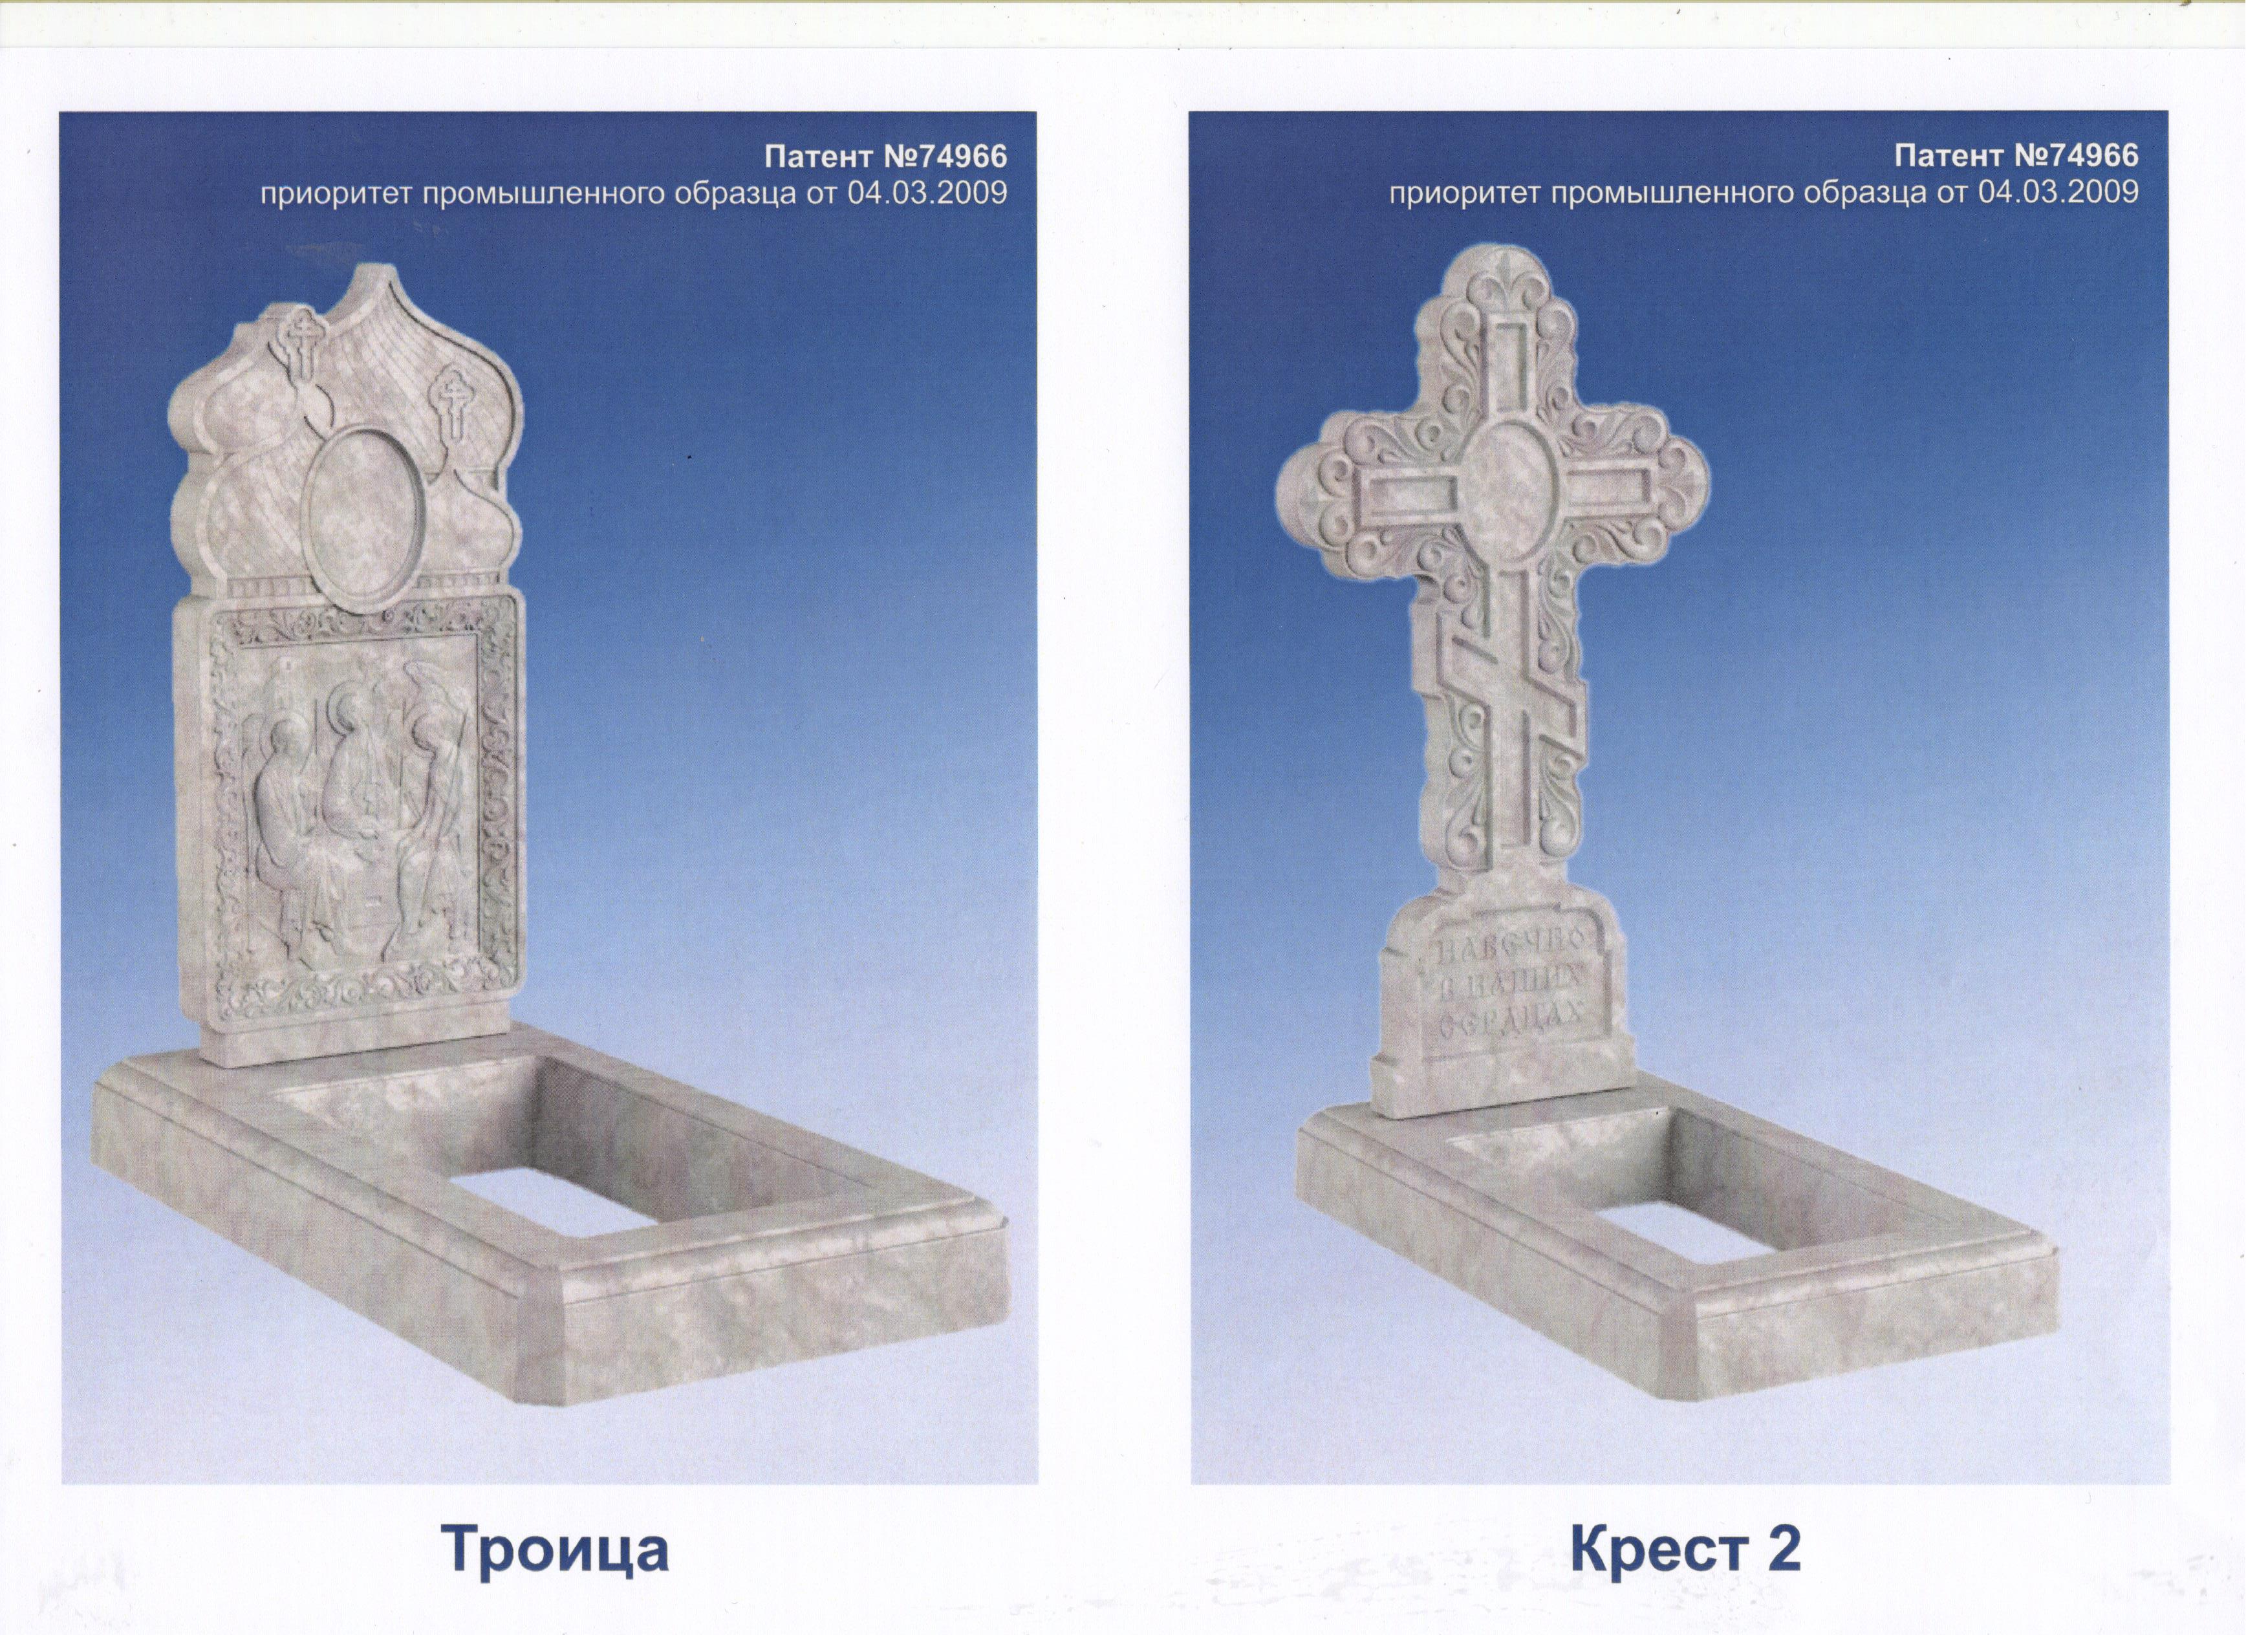 Цены на памятники екатеринбург в контакте памятники 9 мая online